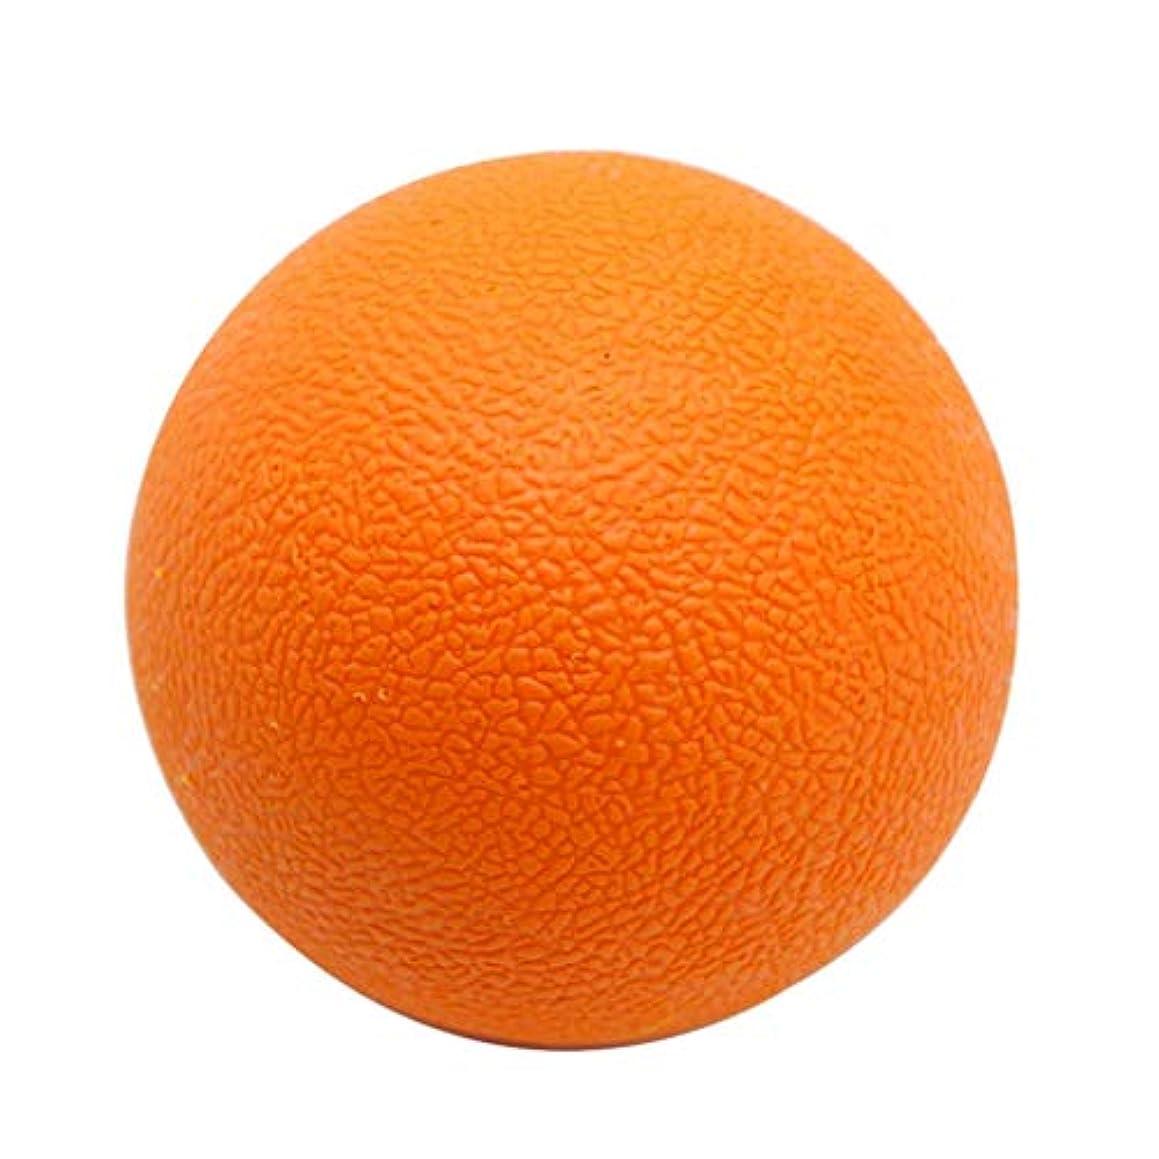 提案する内なるスコットランド人FLAMEER マッサージボール TPE トリガーポイント 筋膜リリース ツボ押しグッズ 足、腕、首、背中 オレンジ